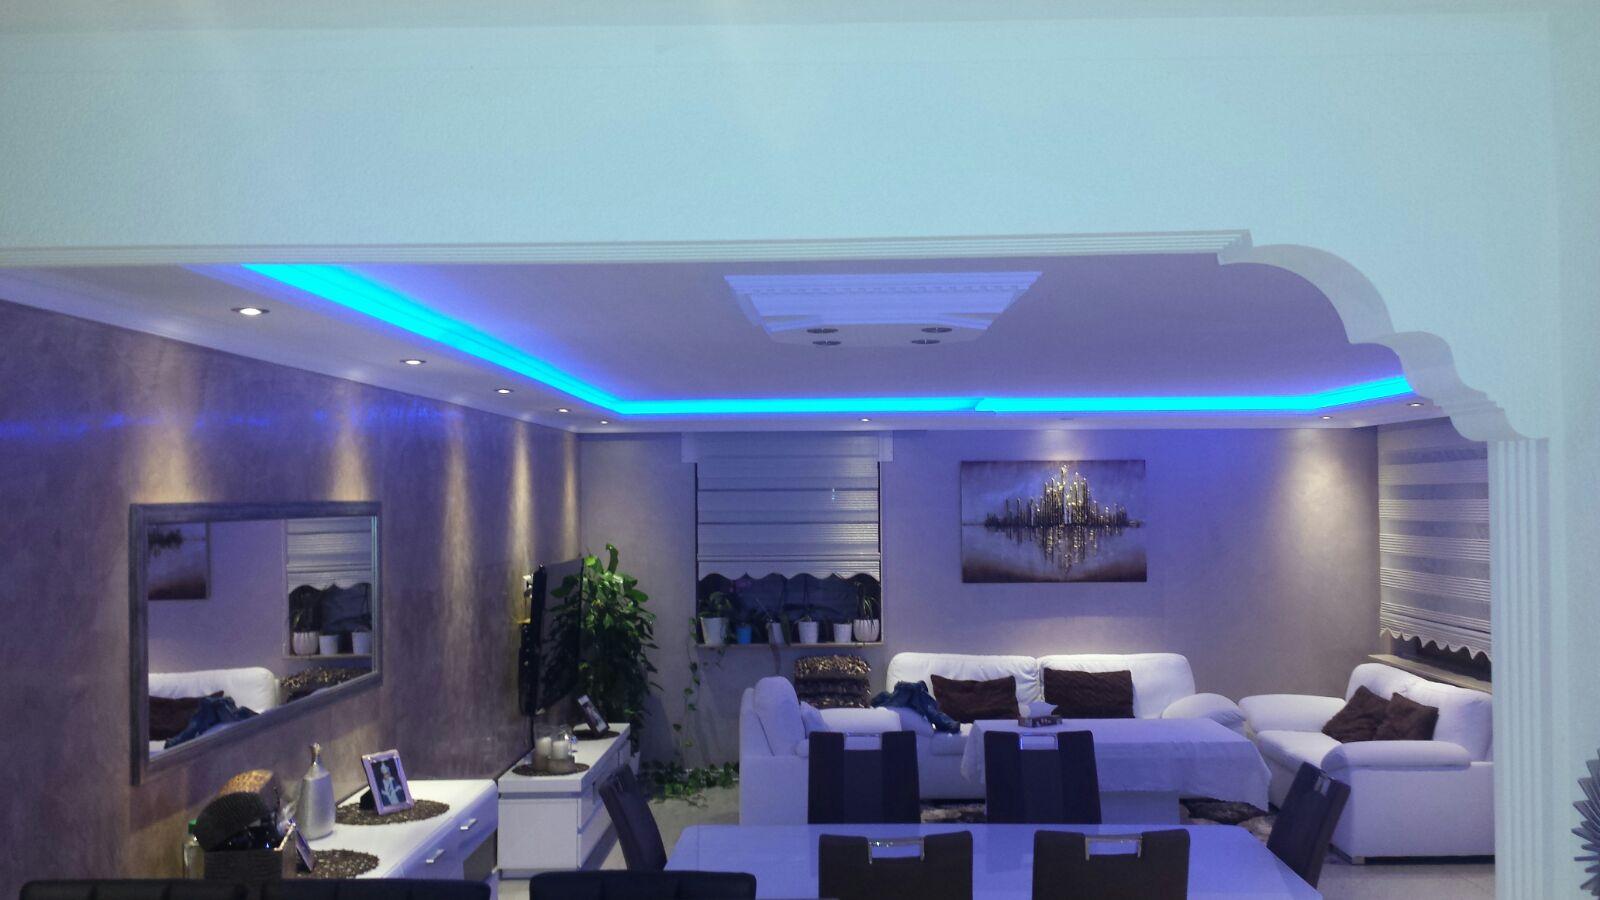 Full Size of 2 Meter Indirekte Beleuchtung Led Lichtprofile Wand Decken Tagesdecken Für Betten Deckenleuchte Schlafzimmer Deckenleuchten Küche Wohnzimmer Bad Deckenlampe Wohnzimmer Indirekte Beleuchtung Decke